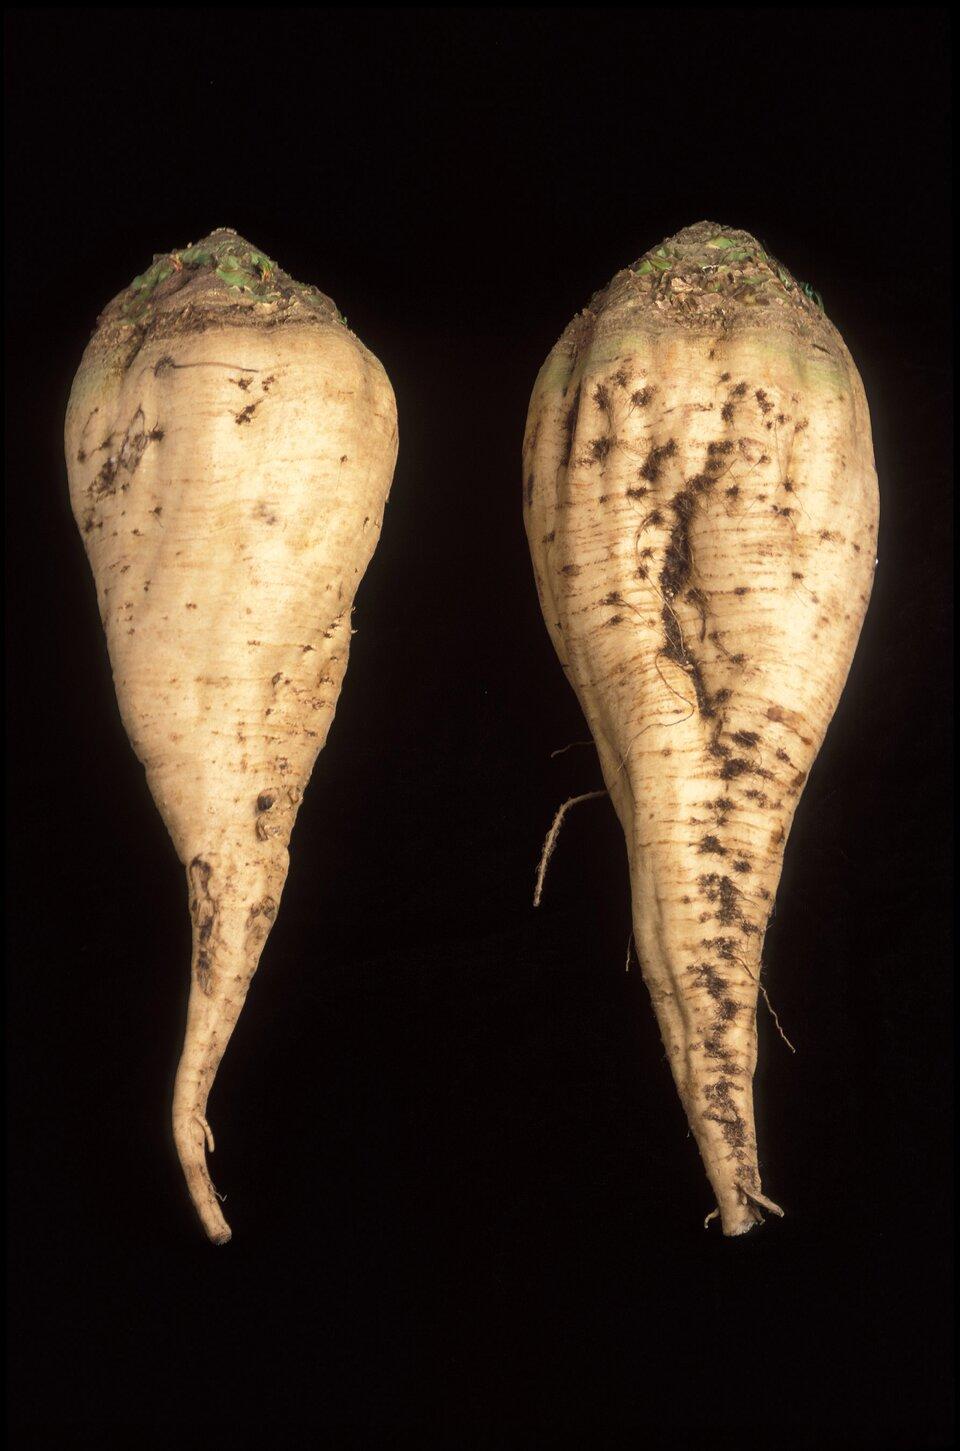 Na zdjęciu dwa korzenie buraka cukrowego na czarnym tle. Bulwy wkolorze beżowym mają stosunkowo krótki korzeń idługą szyję korzeniową